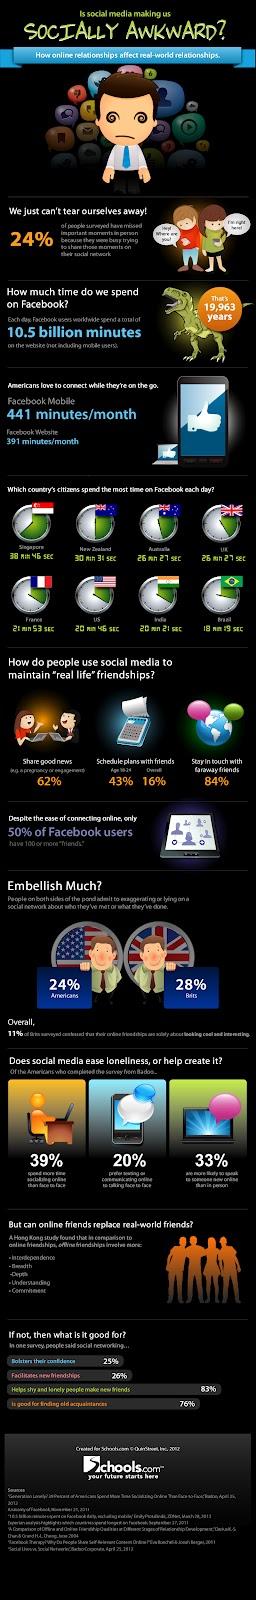 Efectos negativos de las redes sociales en las relaciones humanas Infografía